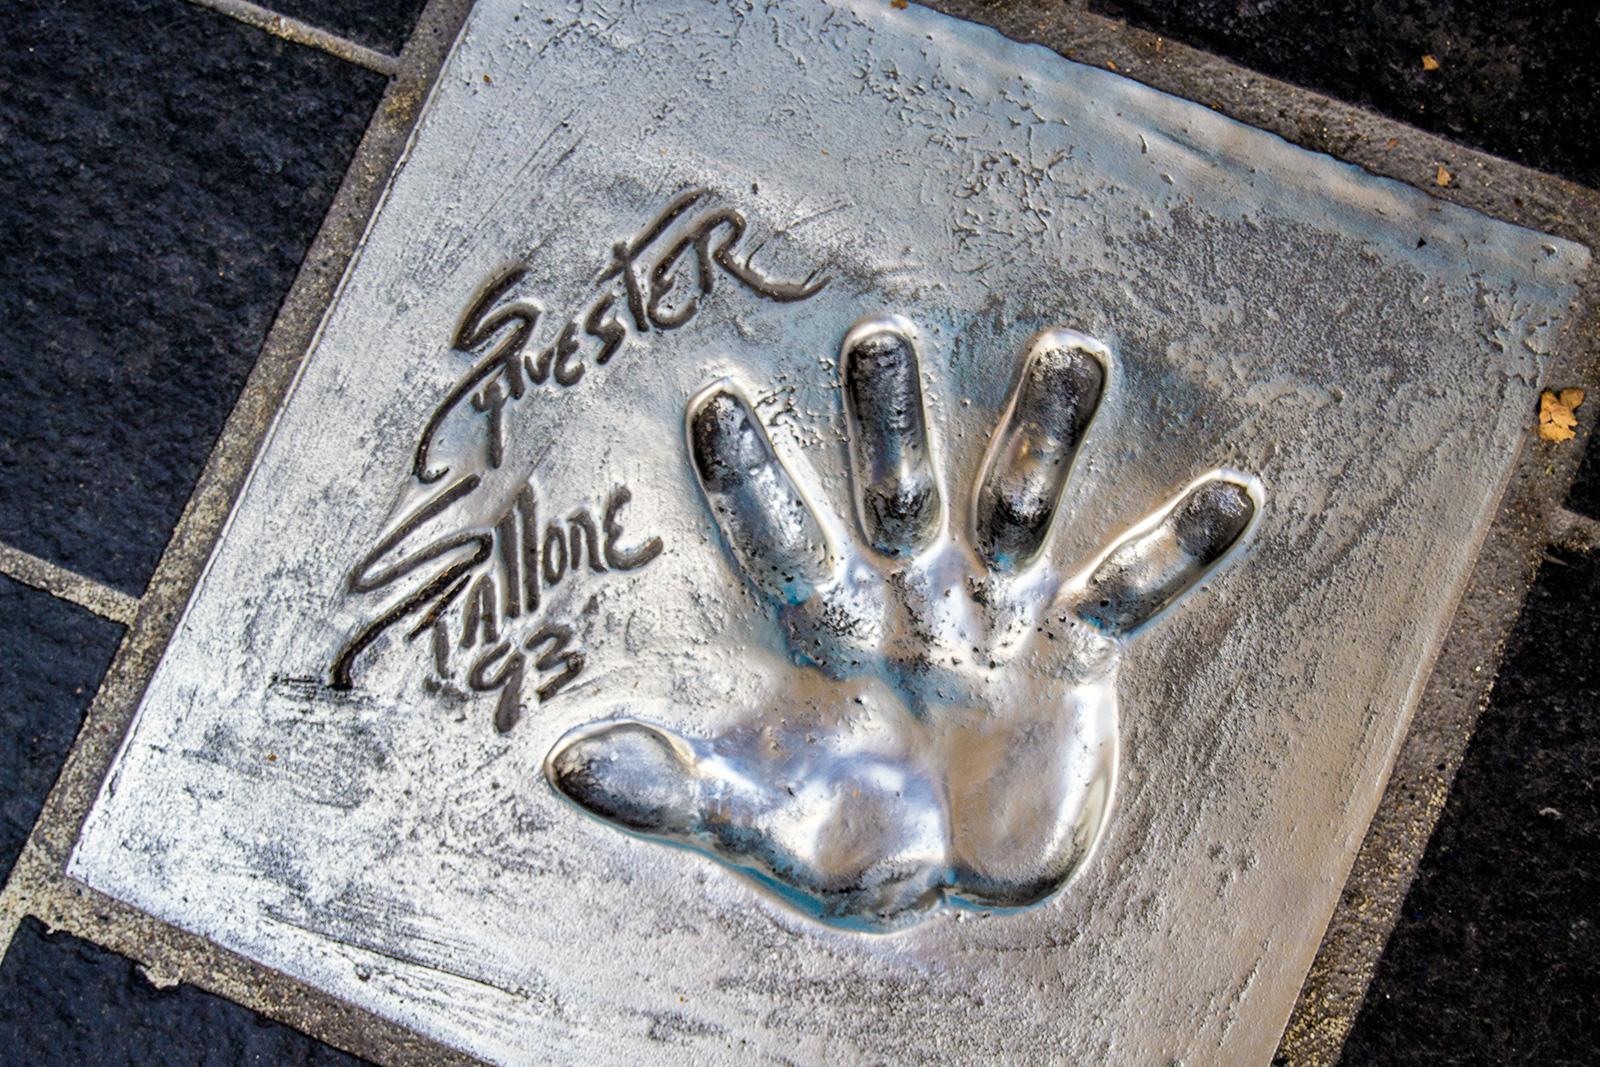 Huellas de las manos de Sylvester Stallone - Cannes en un día